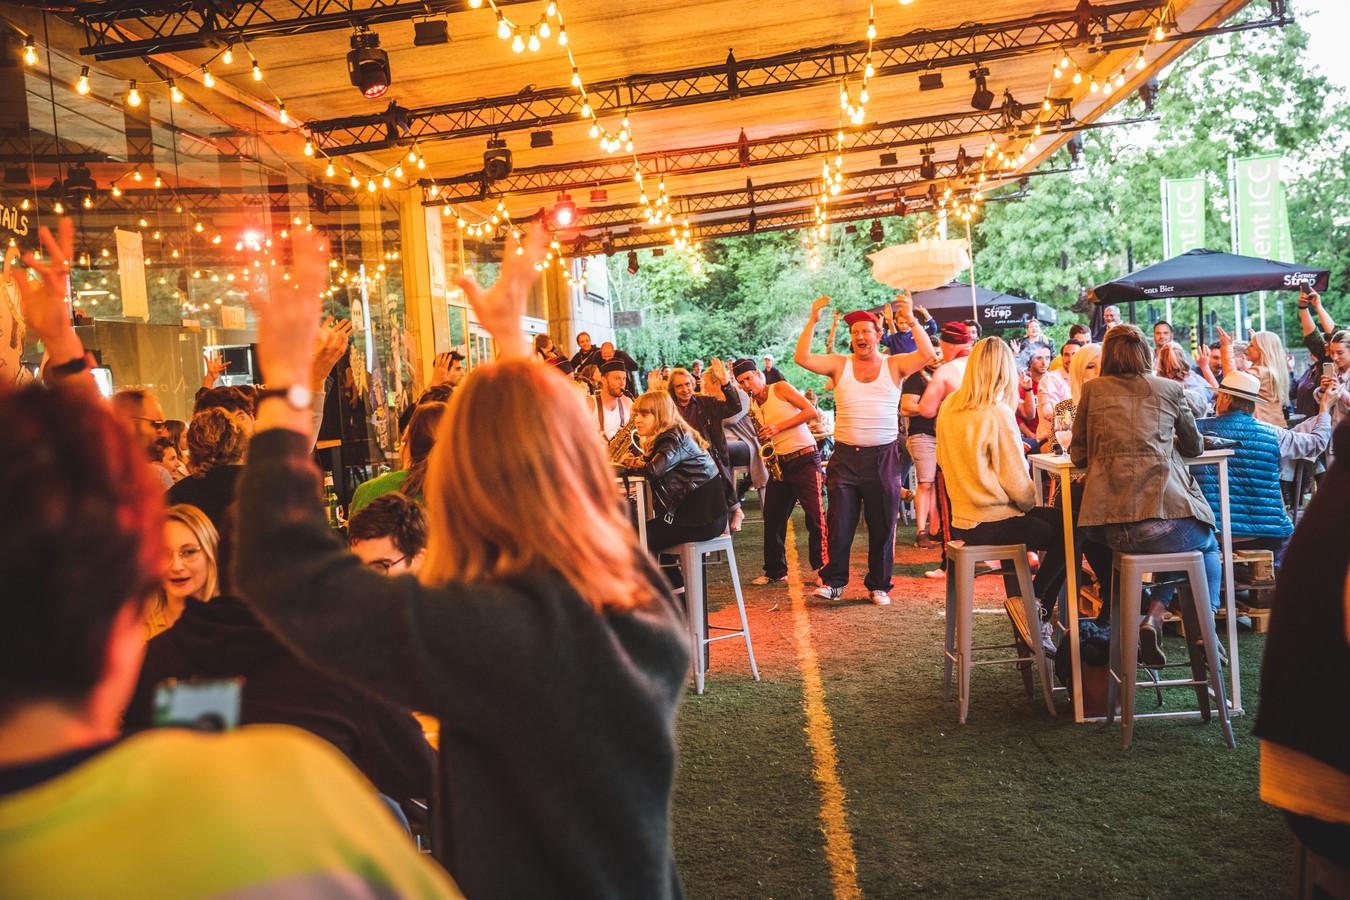 Op Baracita, de populaire zomerbar aan het ICC en de speeltuin van Stefaan De Winter, is het wachten tot 3 juni